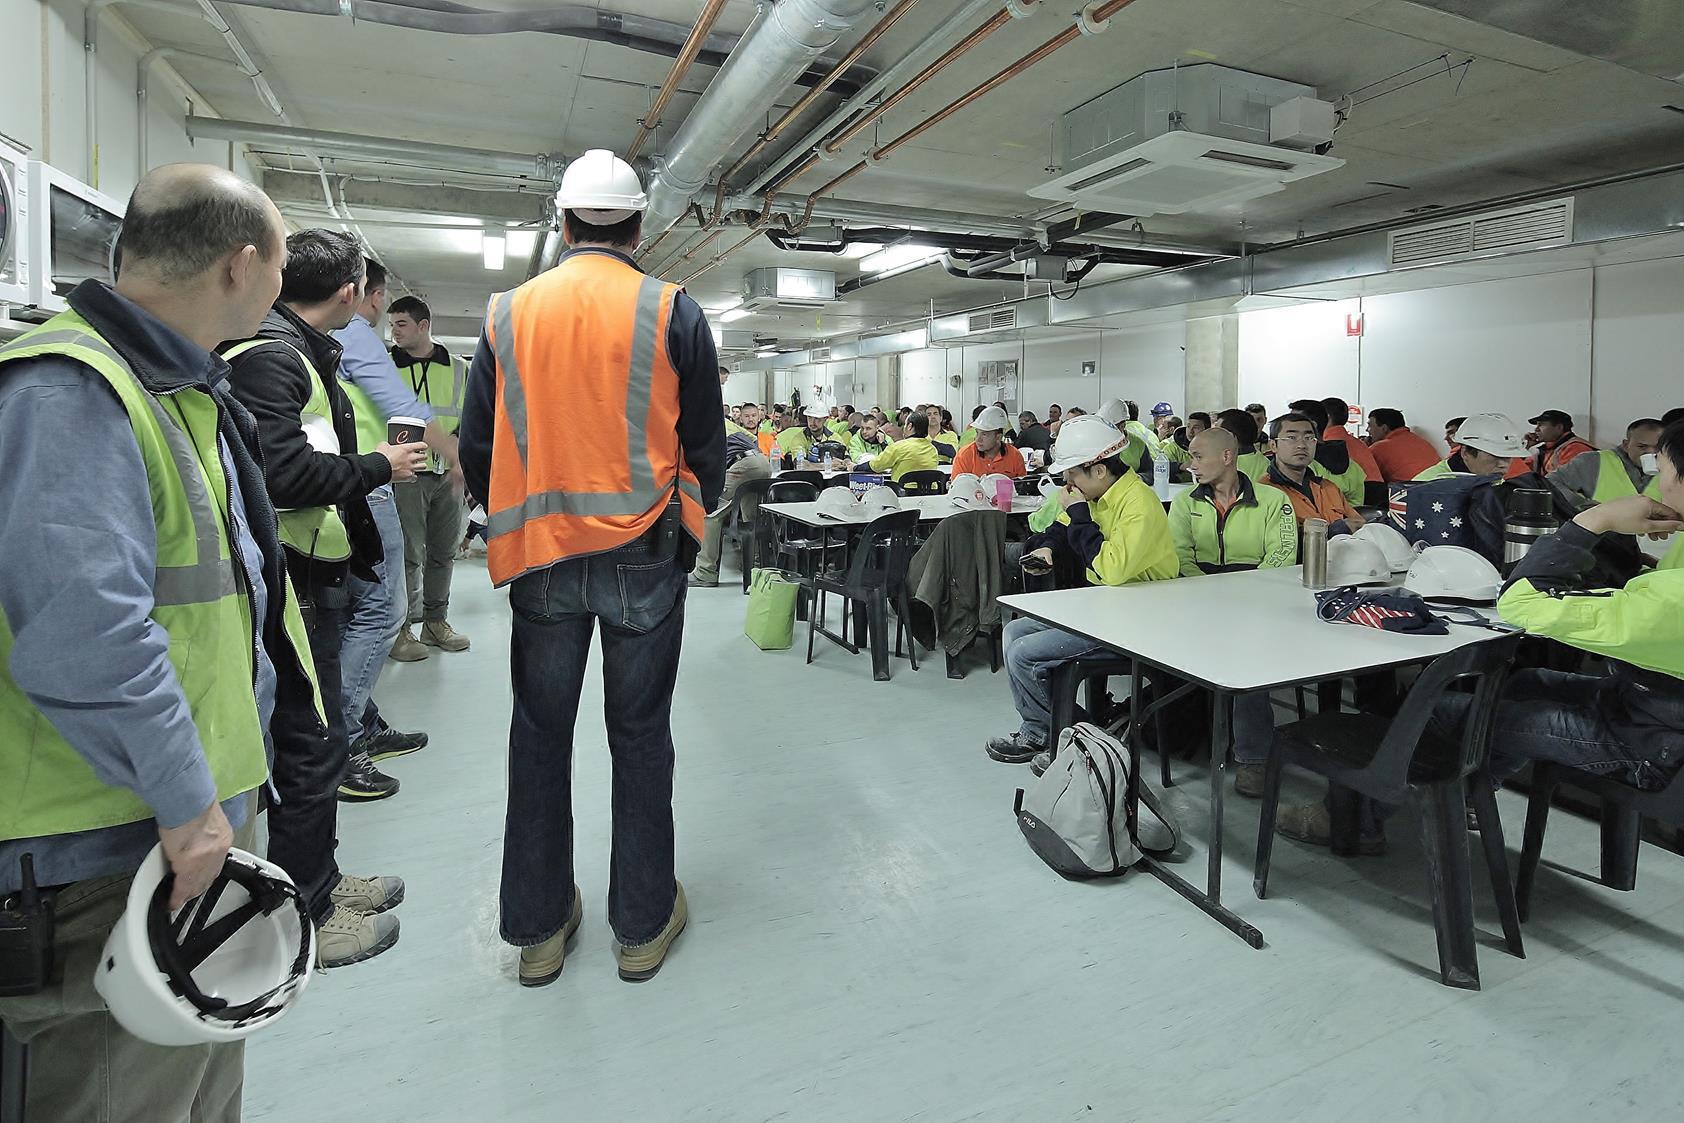 NRAH-workforce-3